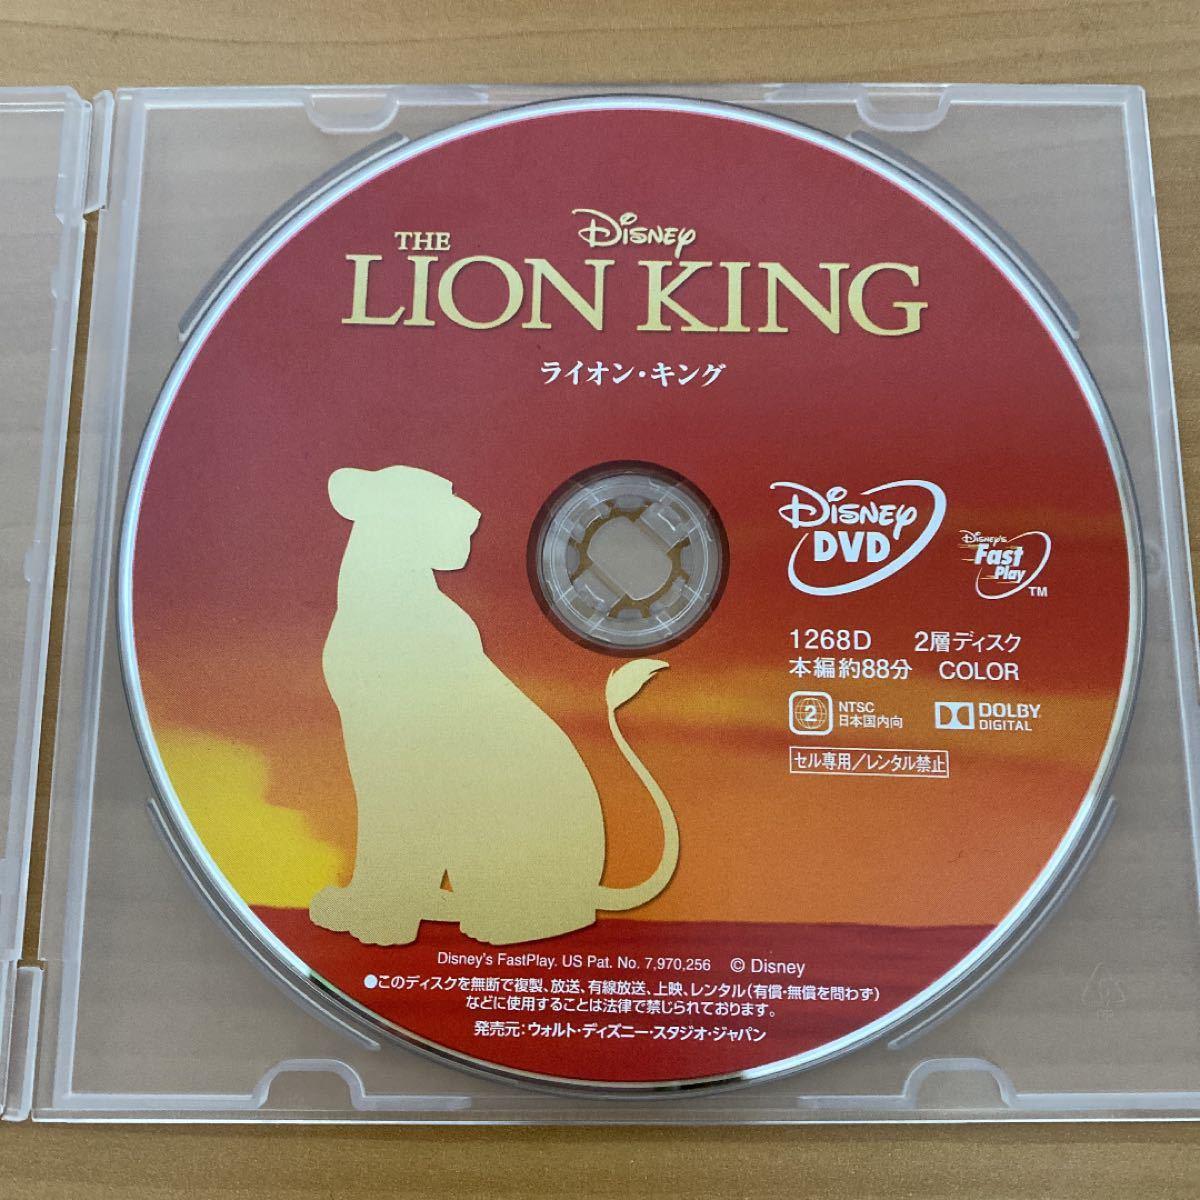 ライオン・キング トリロジー/DVDディスク 3枚セット